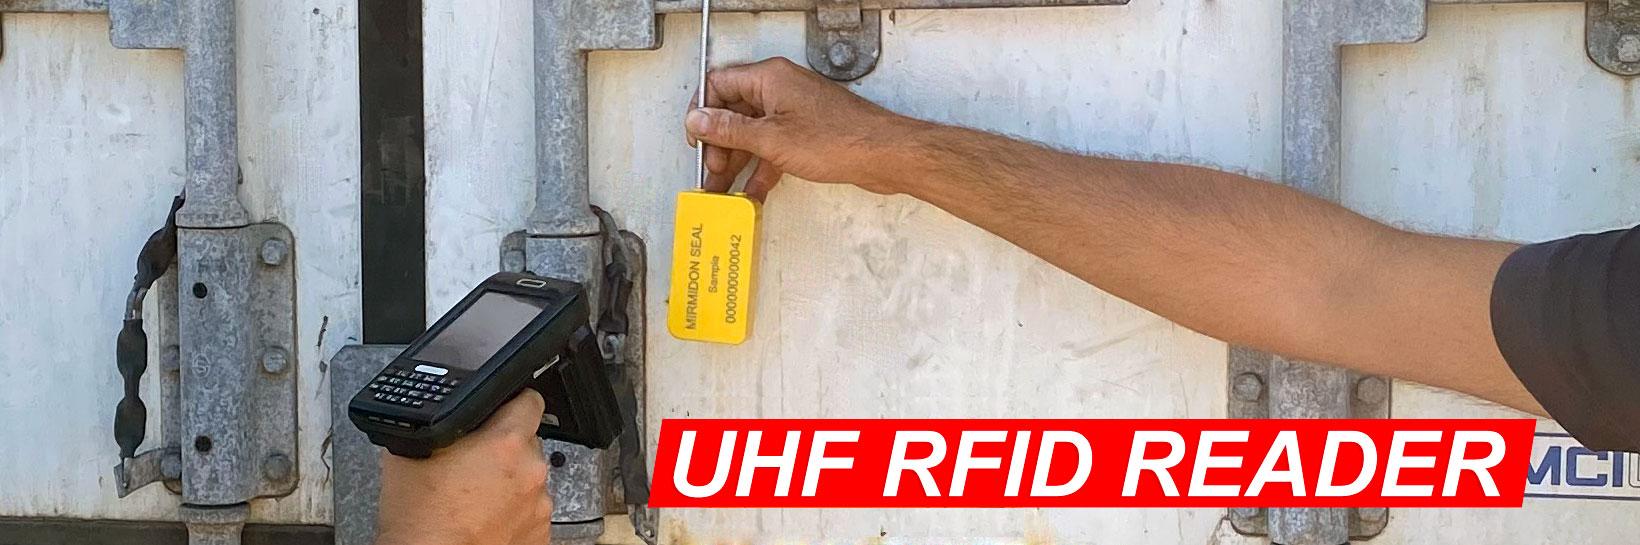 Three-state Seals Rfid Reader